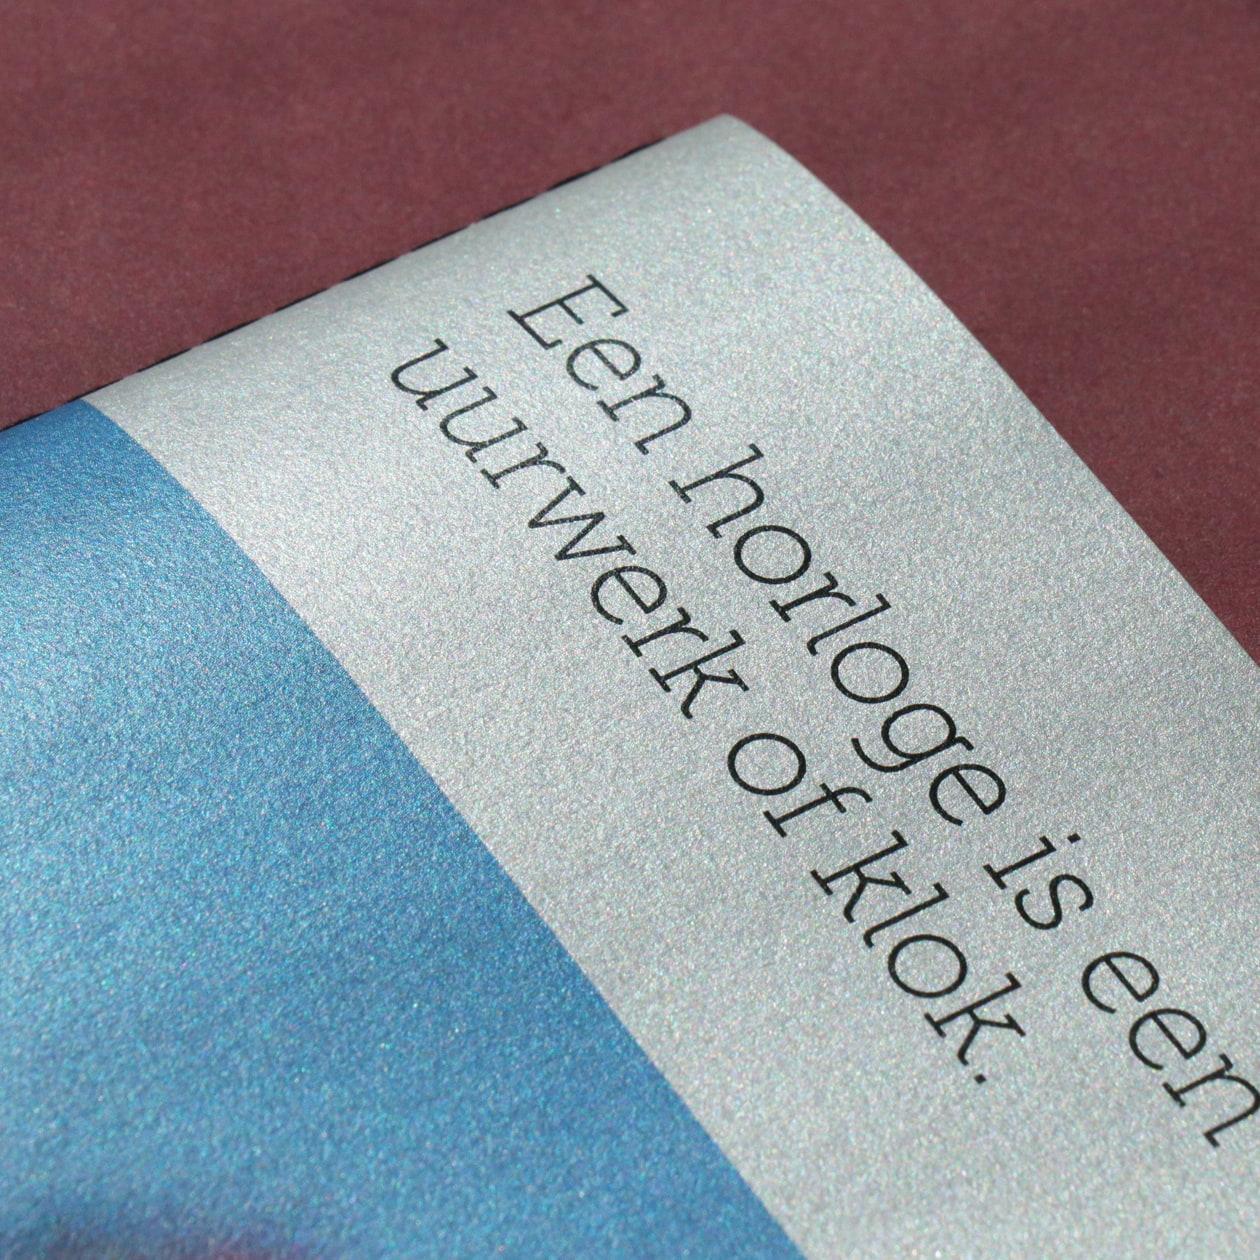 メタリックな表紙でシャープな印象の商品カタログパンフレット